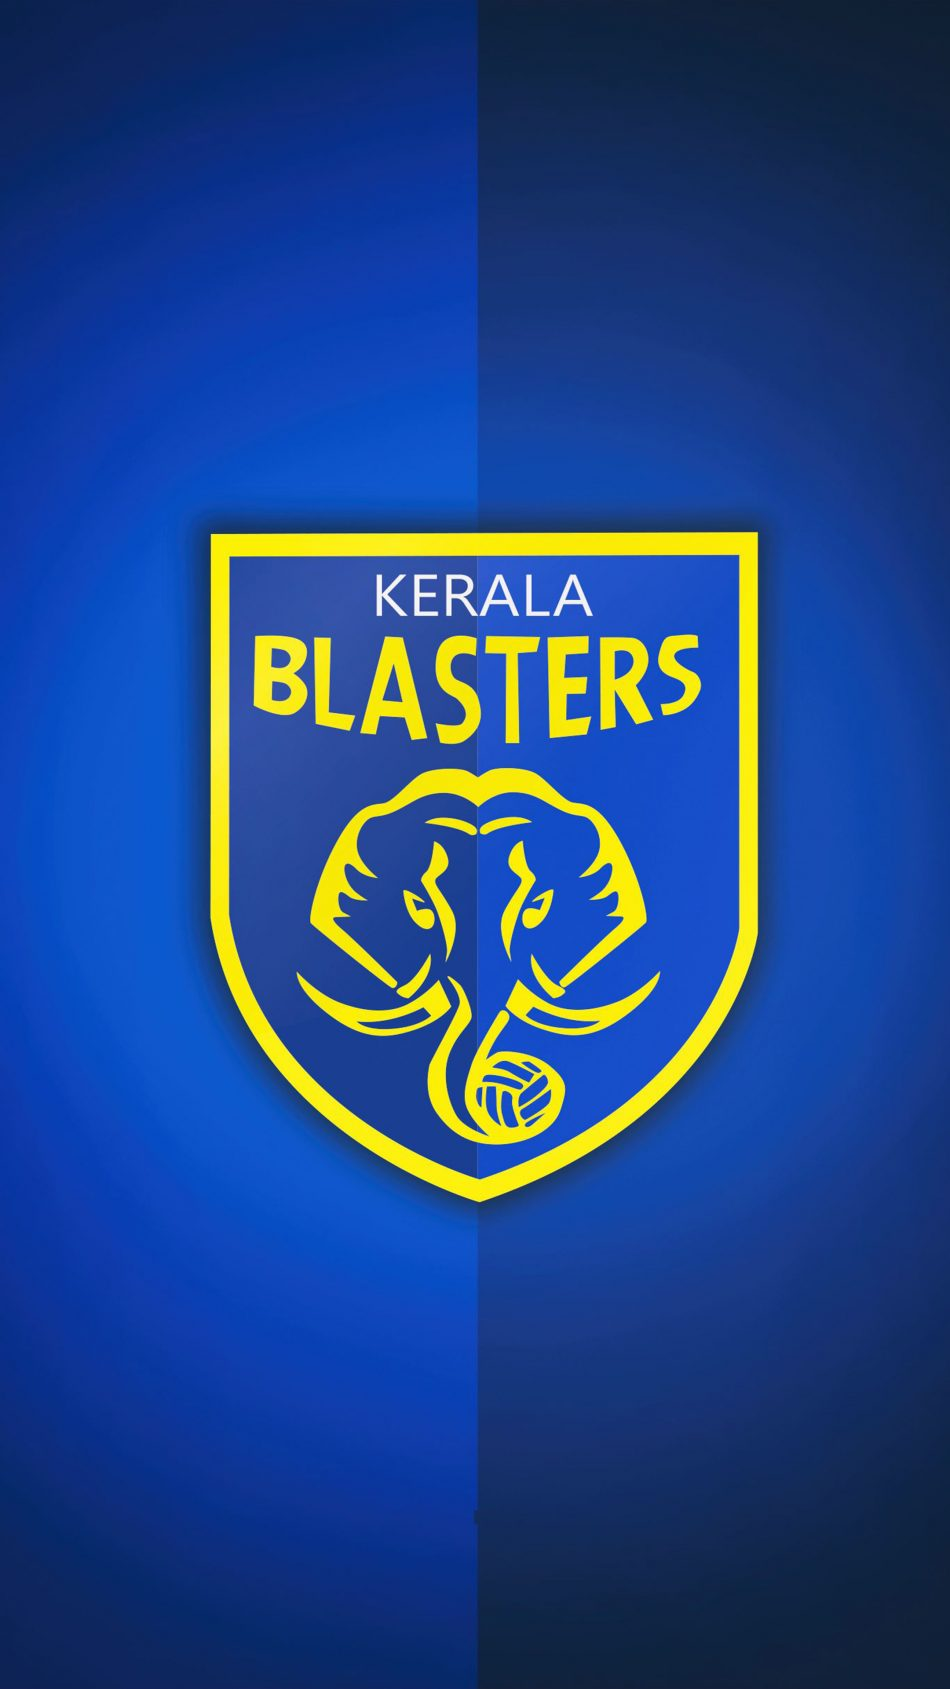 Kerala Blasters 2018 4K Ultra HD Mobile Wallpaper